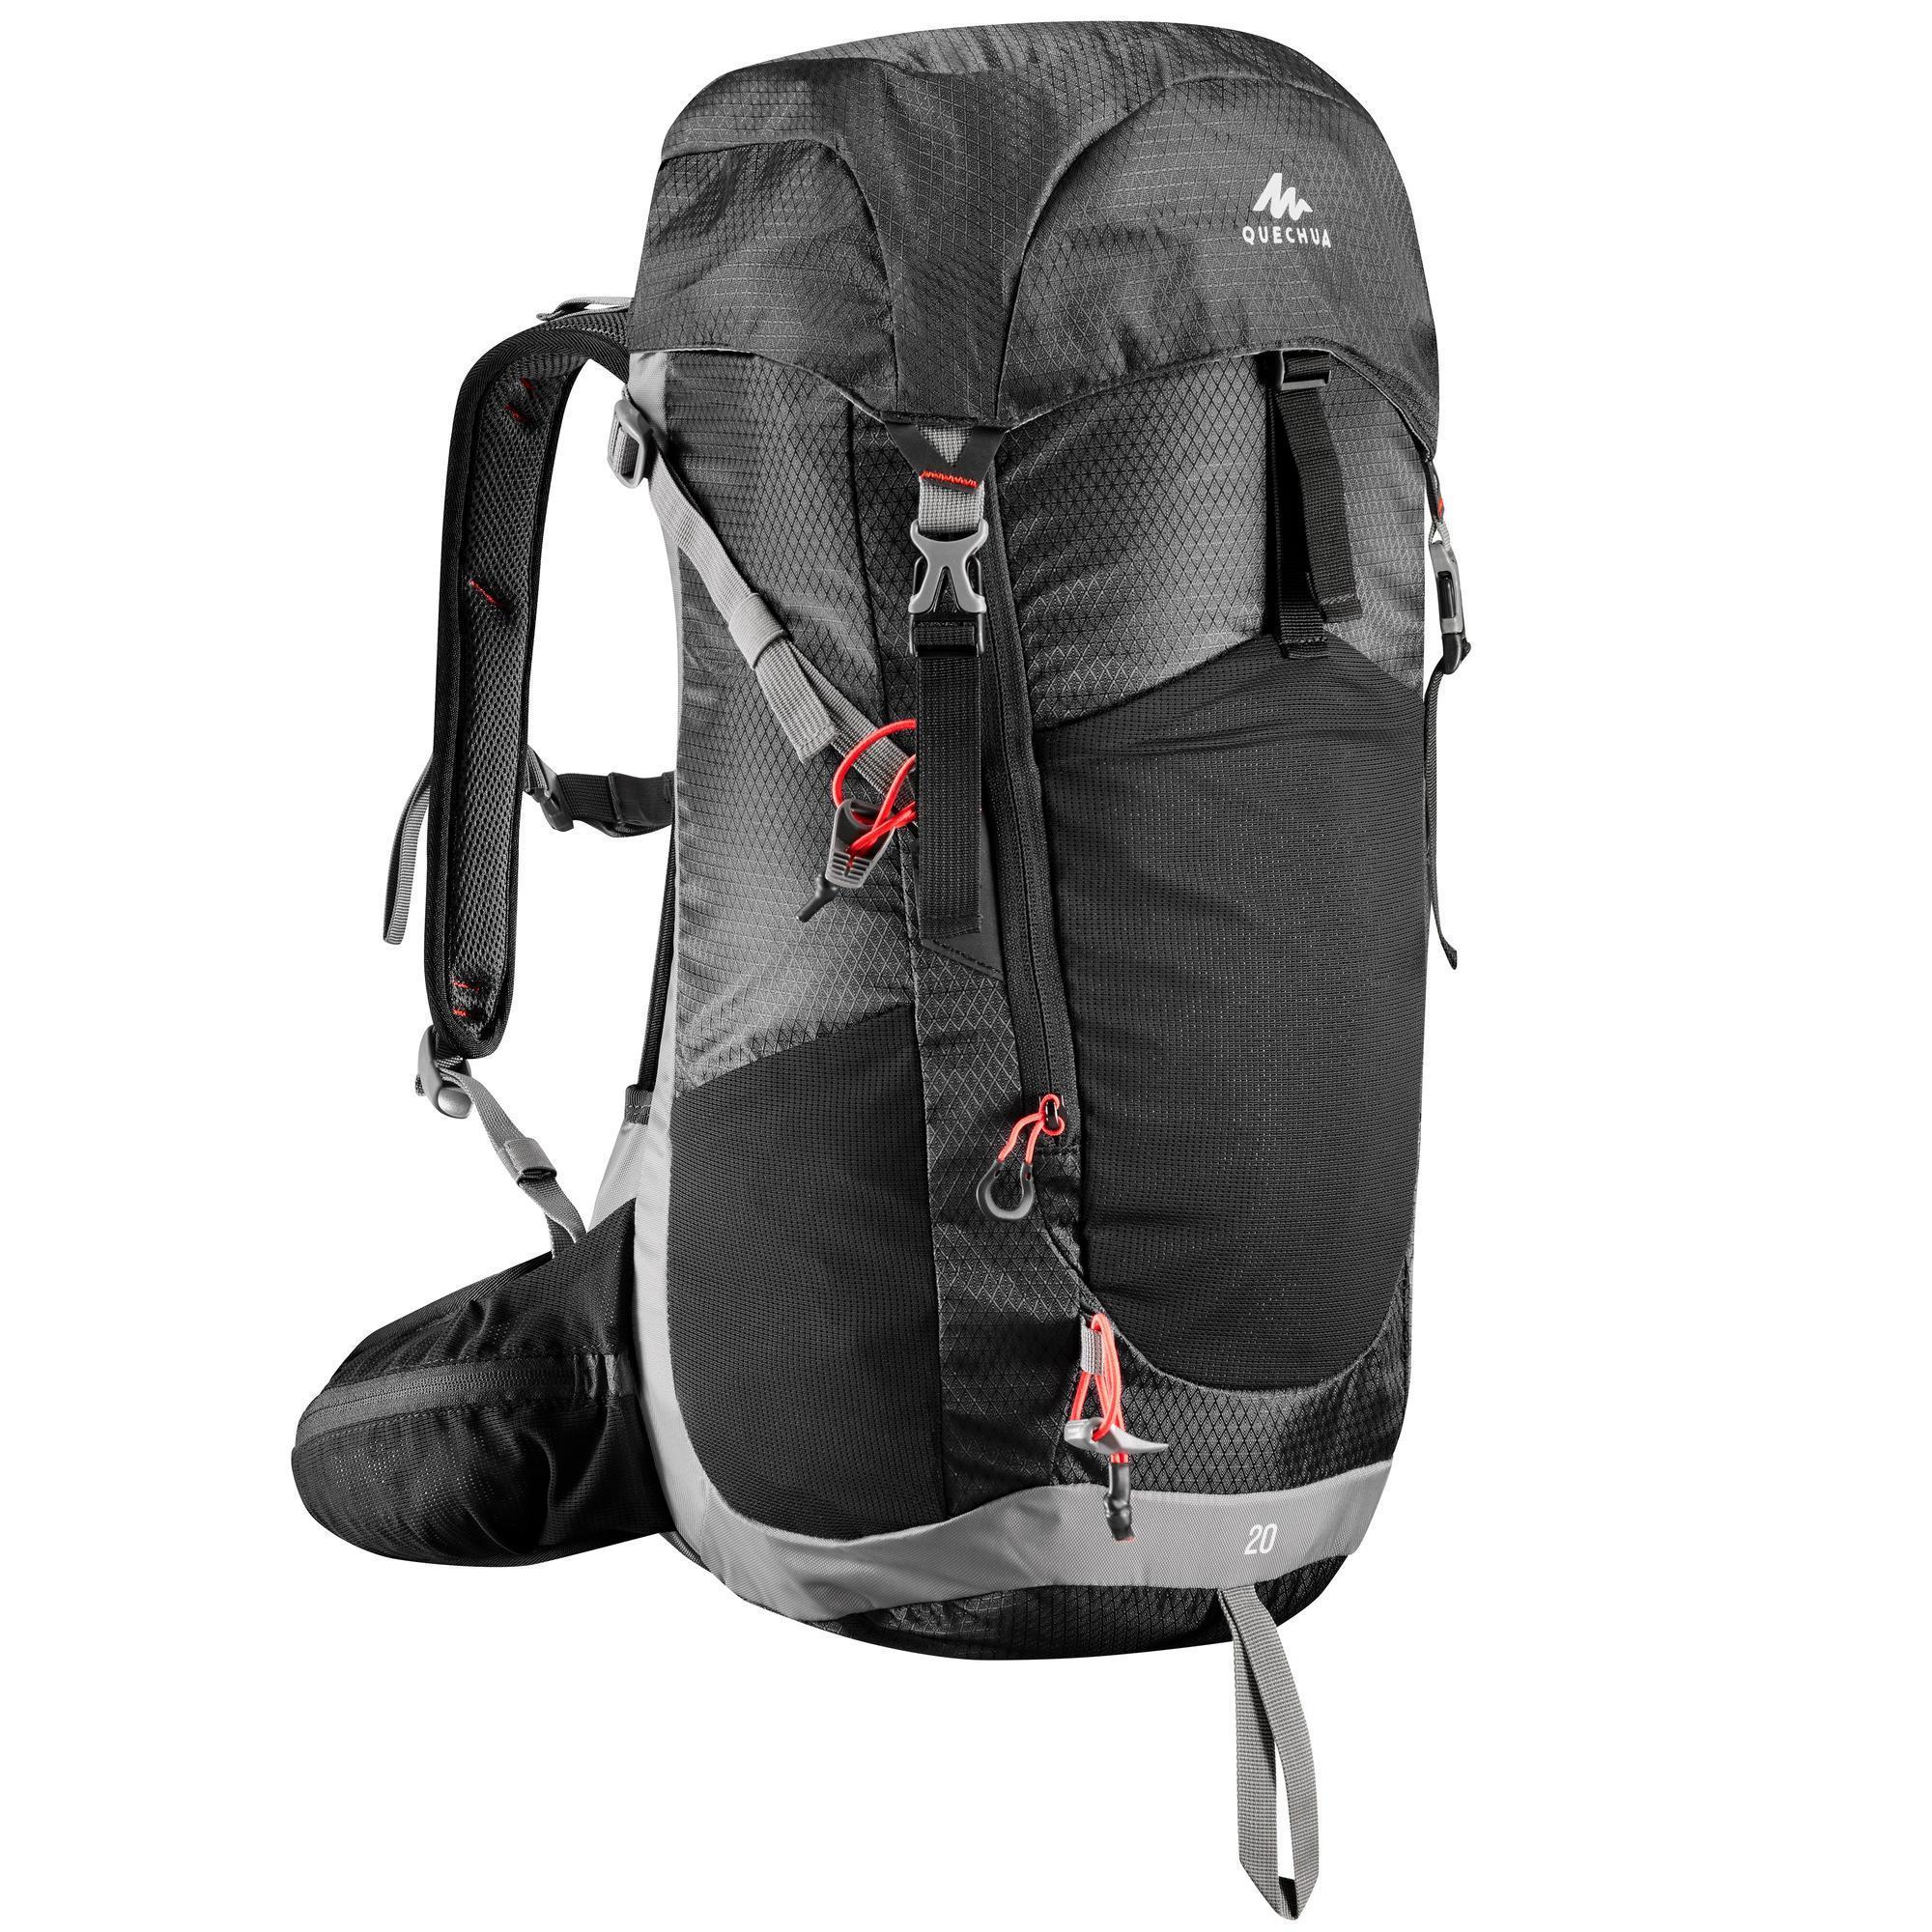 6e0e1fc43d7 Quechua Wandelrugzak voor bergtochten MH500 20 liter | Decathlon